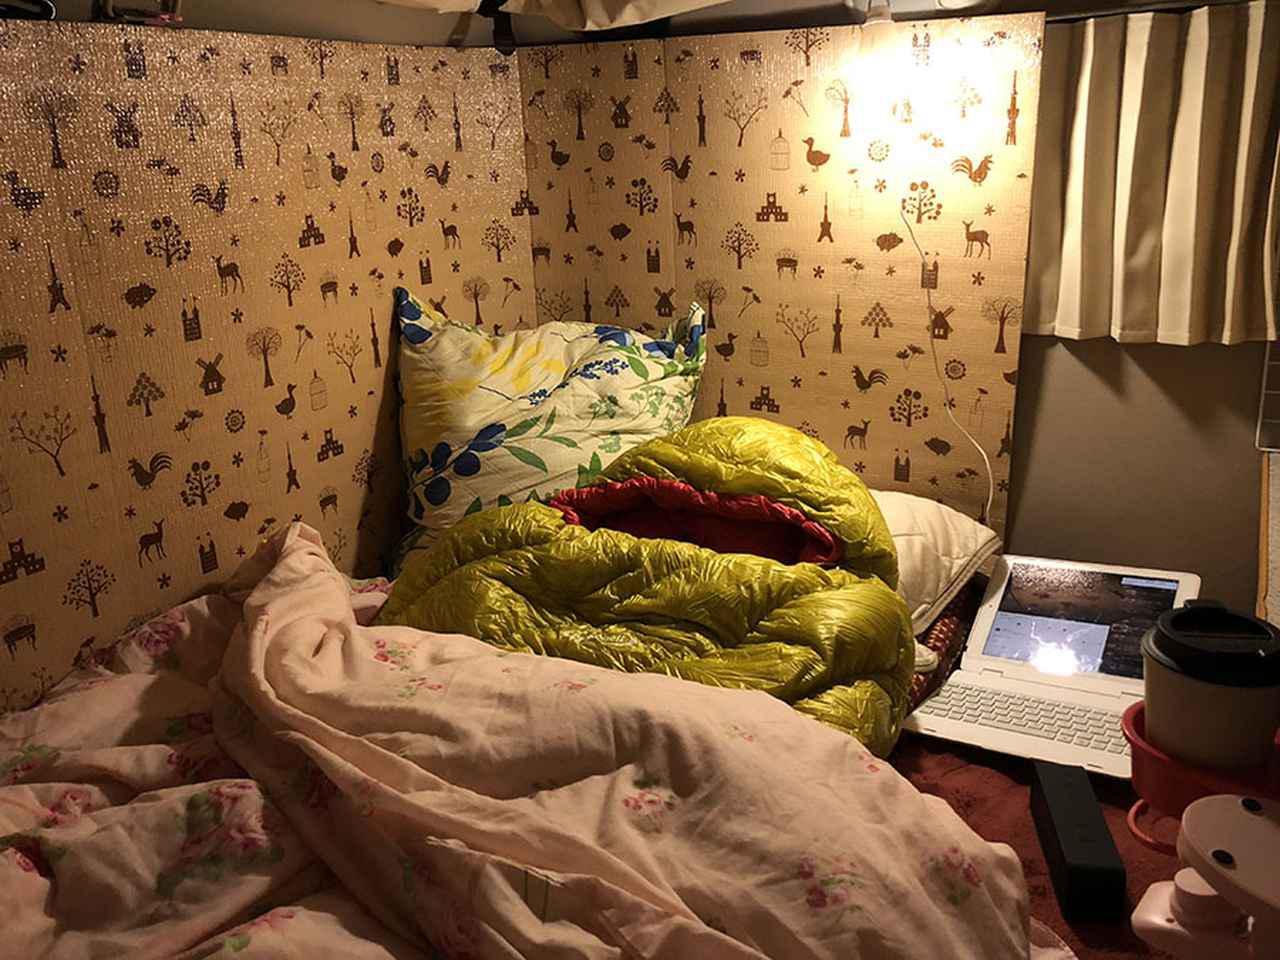 画像: 冬はFFヒーターを活用するほか、窓からの冷えを防止するために断熱ボードでガード。カーテンの裏にはアルミシートを。床には毛足の長い敷きパッドが必須。カイロや湯たんぽを使えば、さらに寒さに対応できる